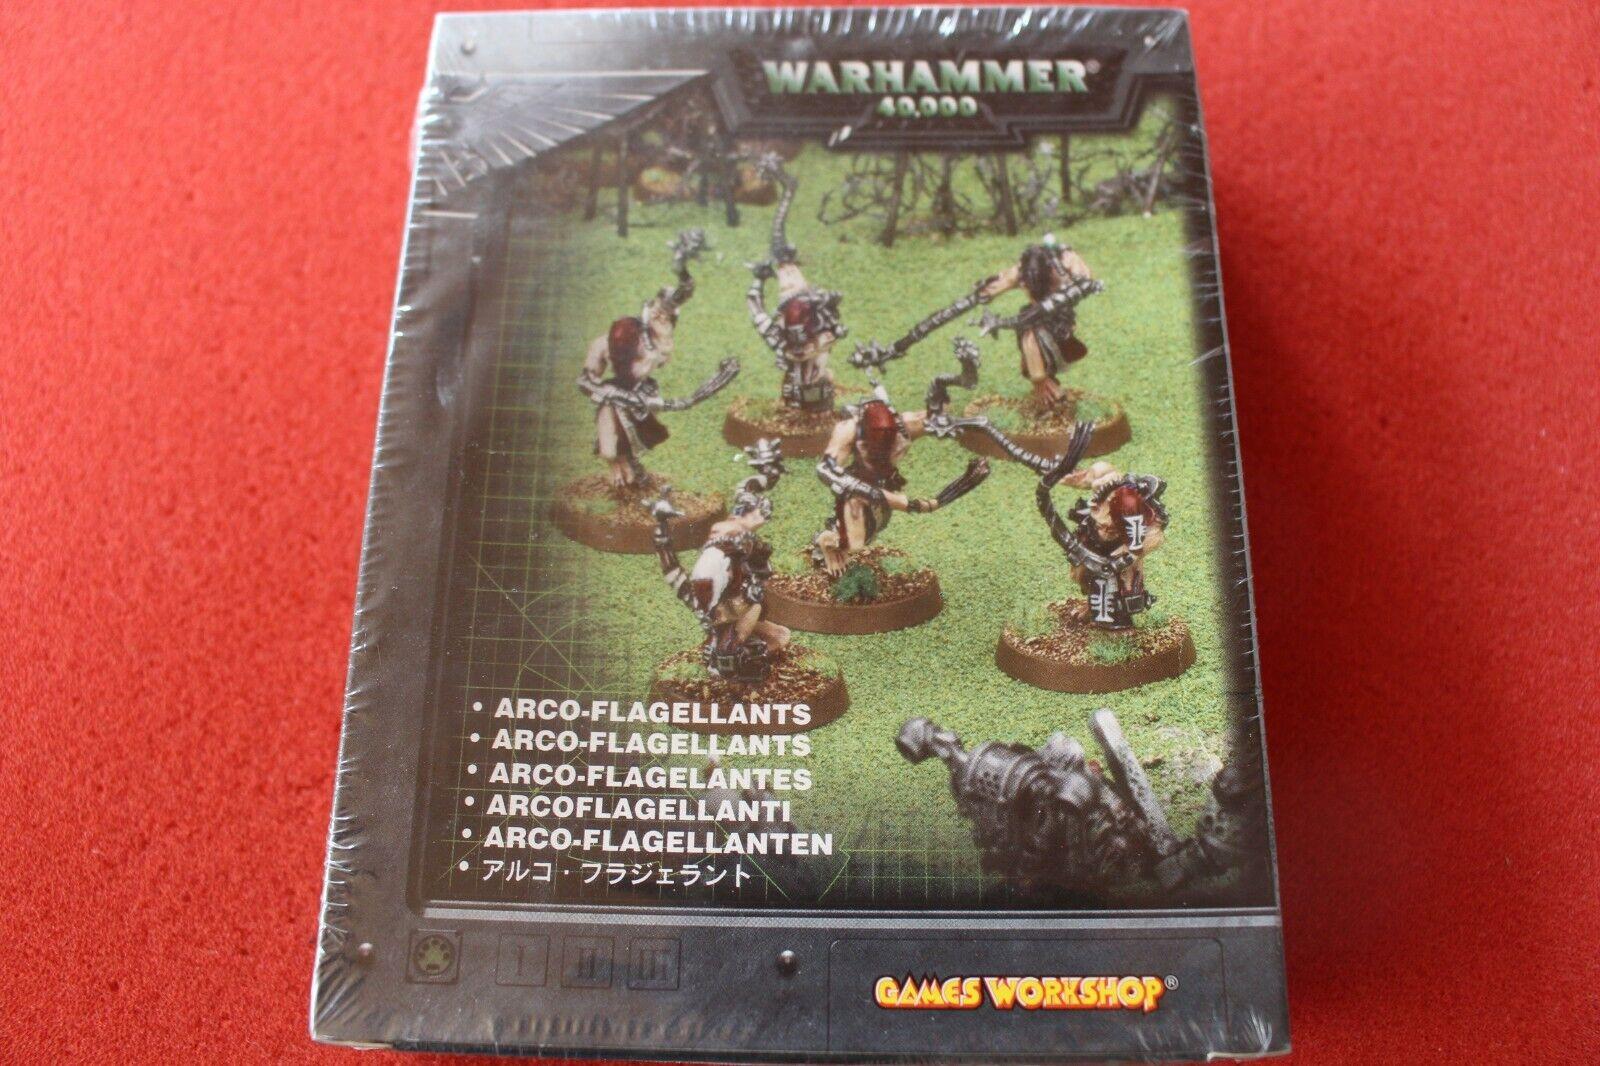 Juegos taller Warhammer 40k arco FLAGELLANTS Metal Nuevo Y En Caja Nuevo Hermanas de Batalla